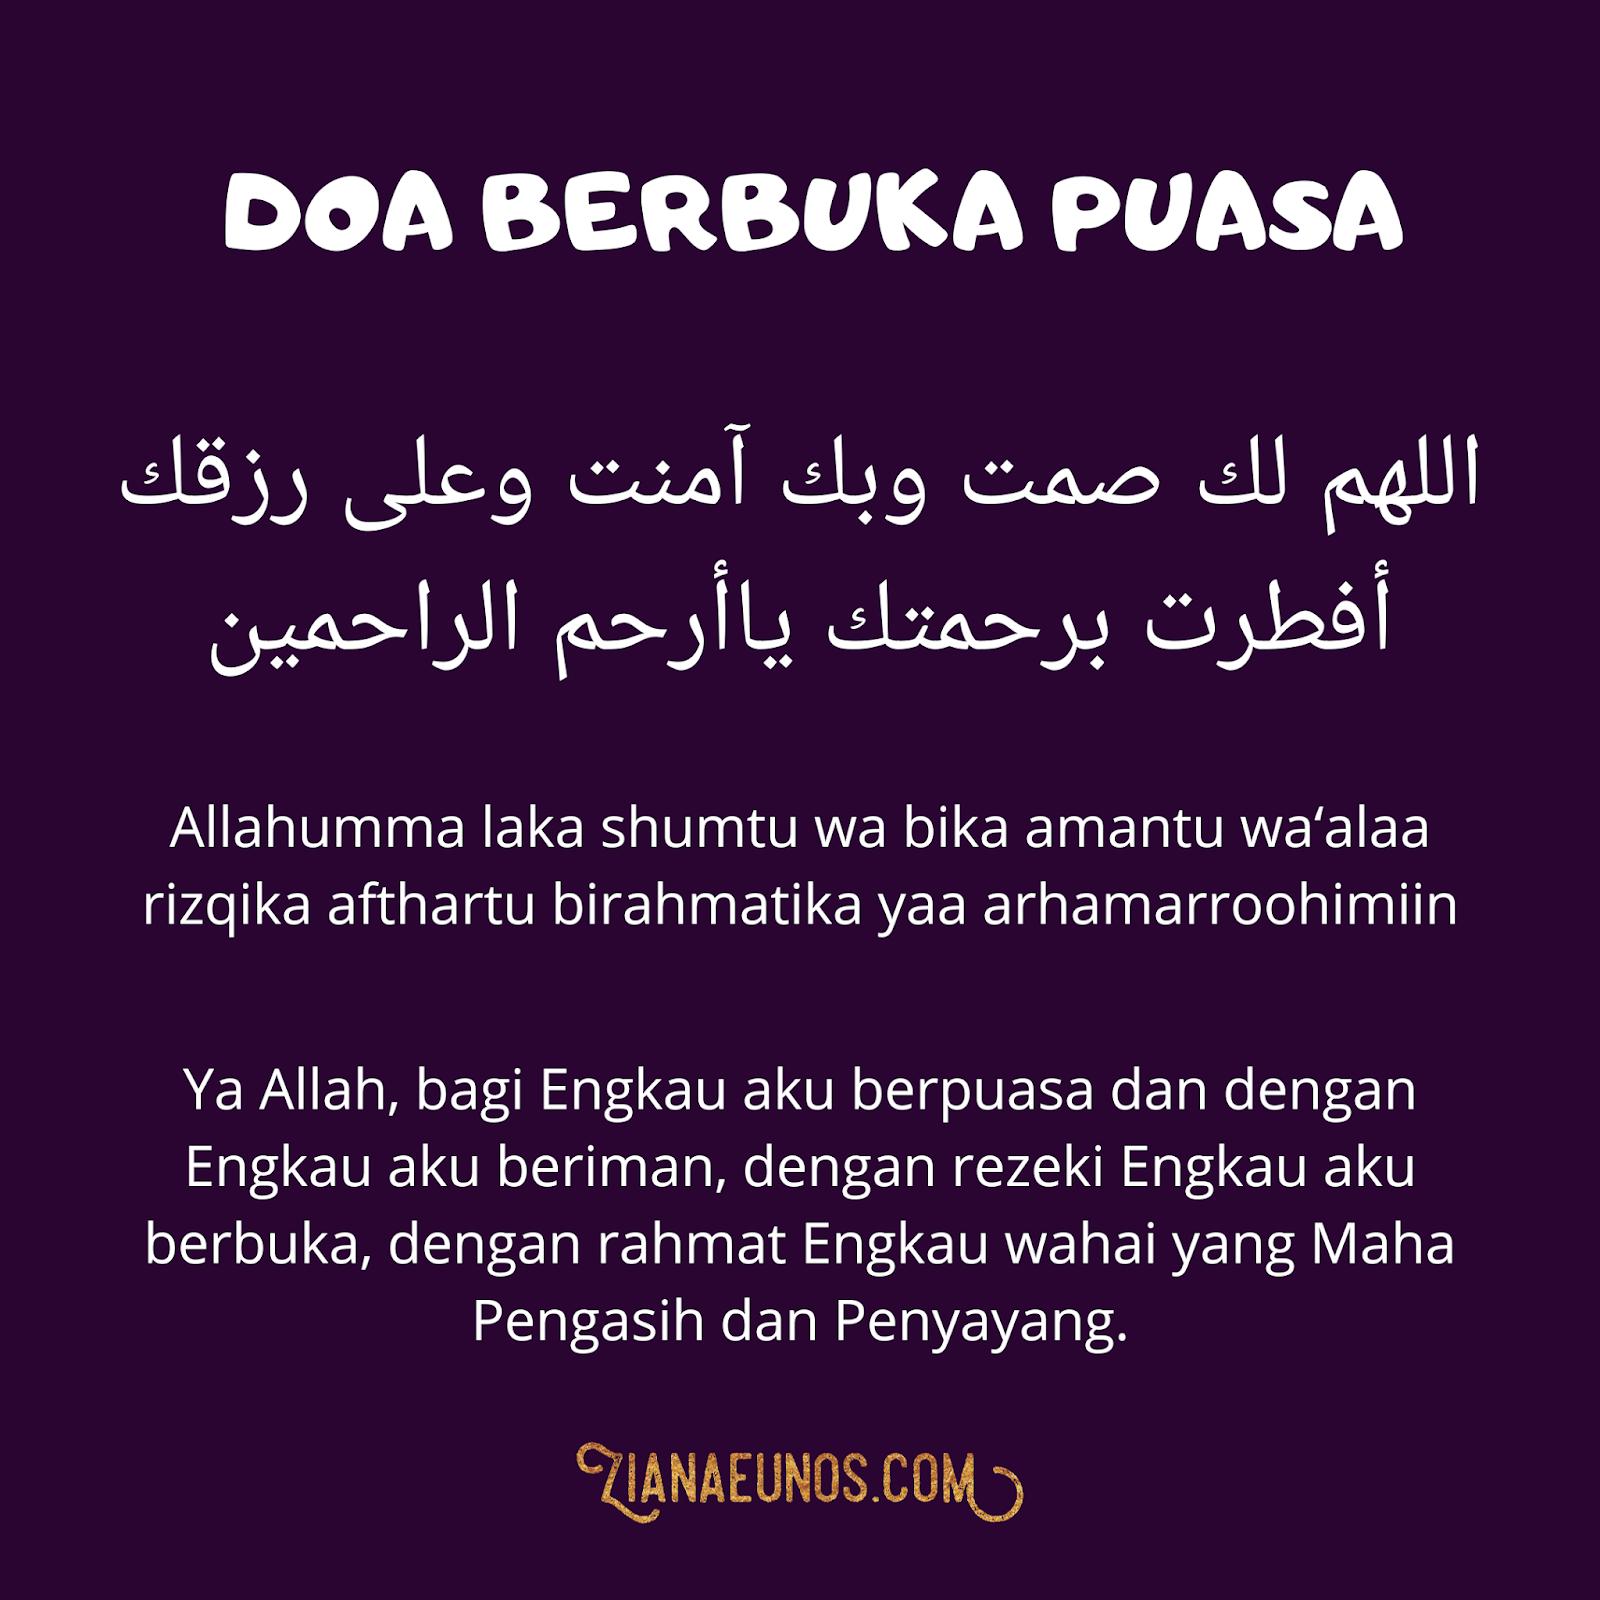 Niat Puasa Ramadhan Dan Doa Berbuka Puasa Ziana Eunos